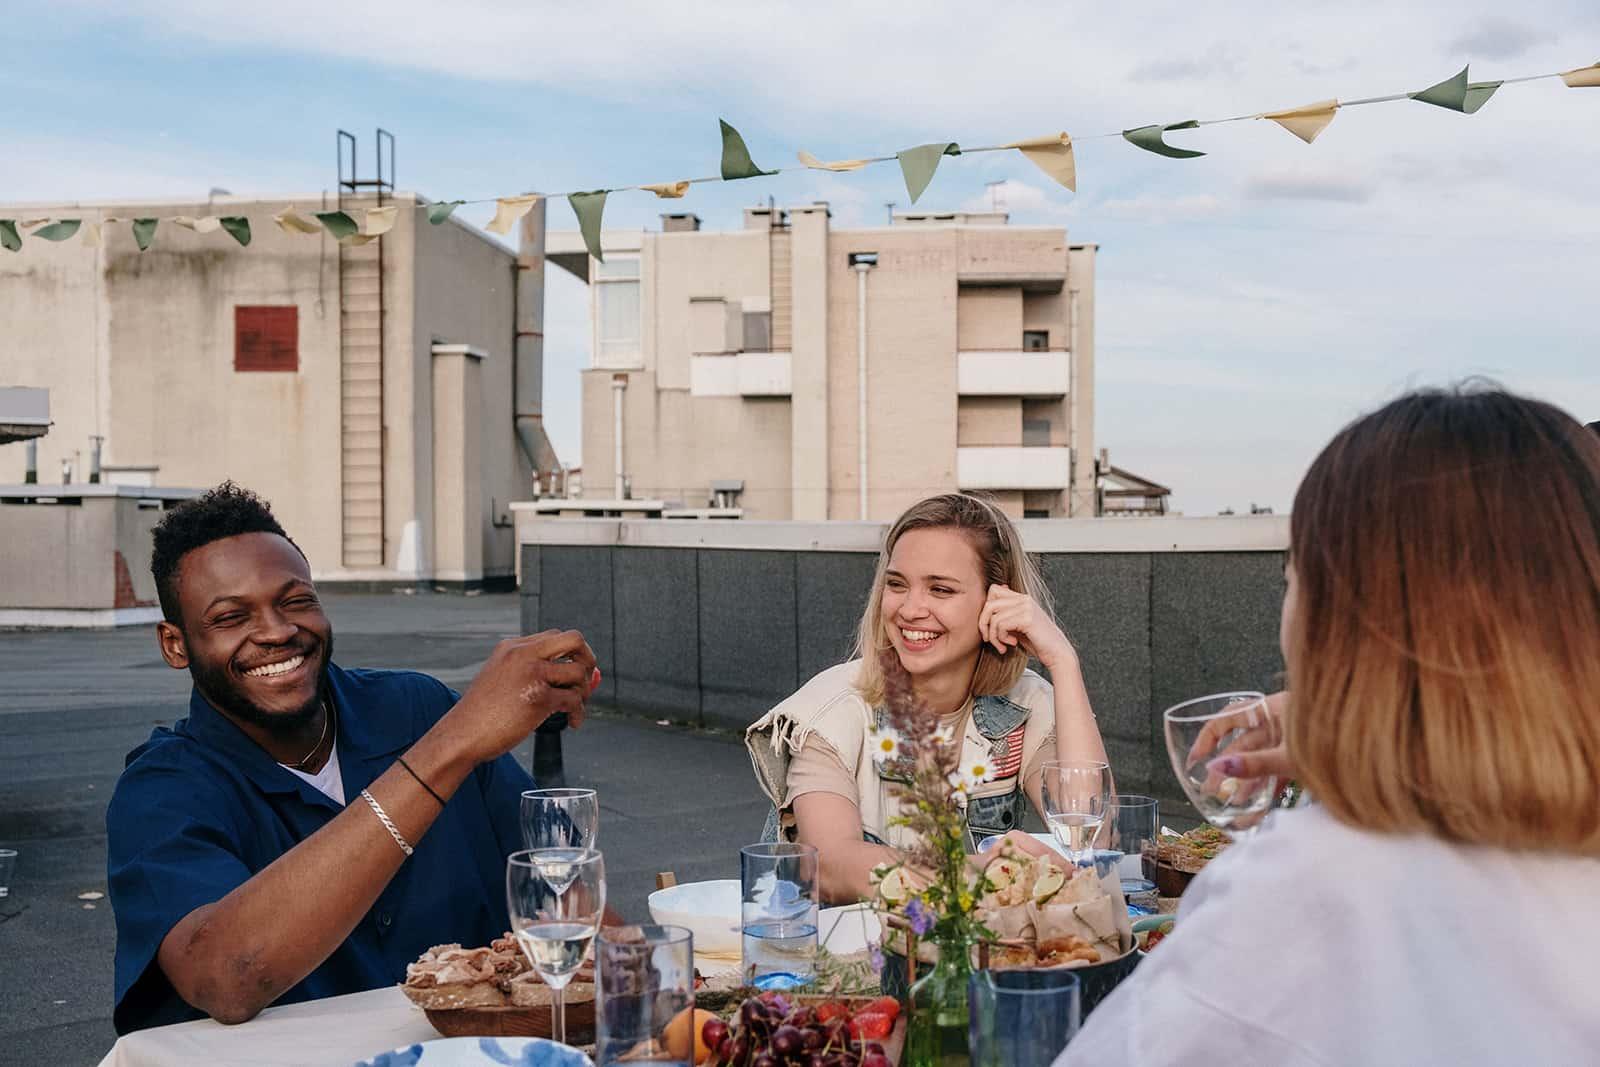 eine lächelnde Frau, die einen lächelnden Mann betrachtet, der mit Freunden auf dem Dach am Tisch sitzt